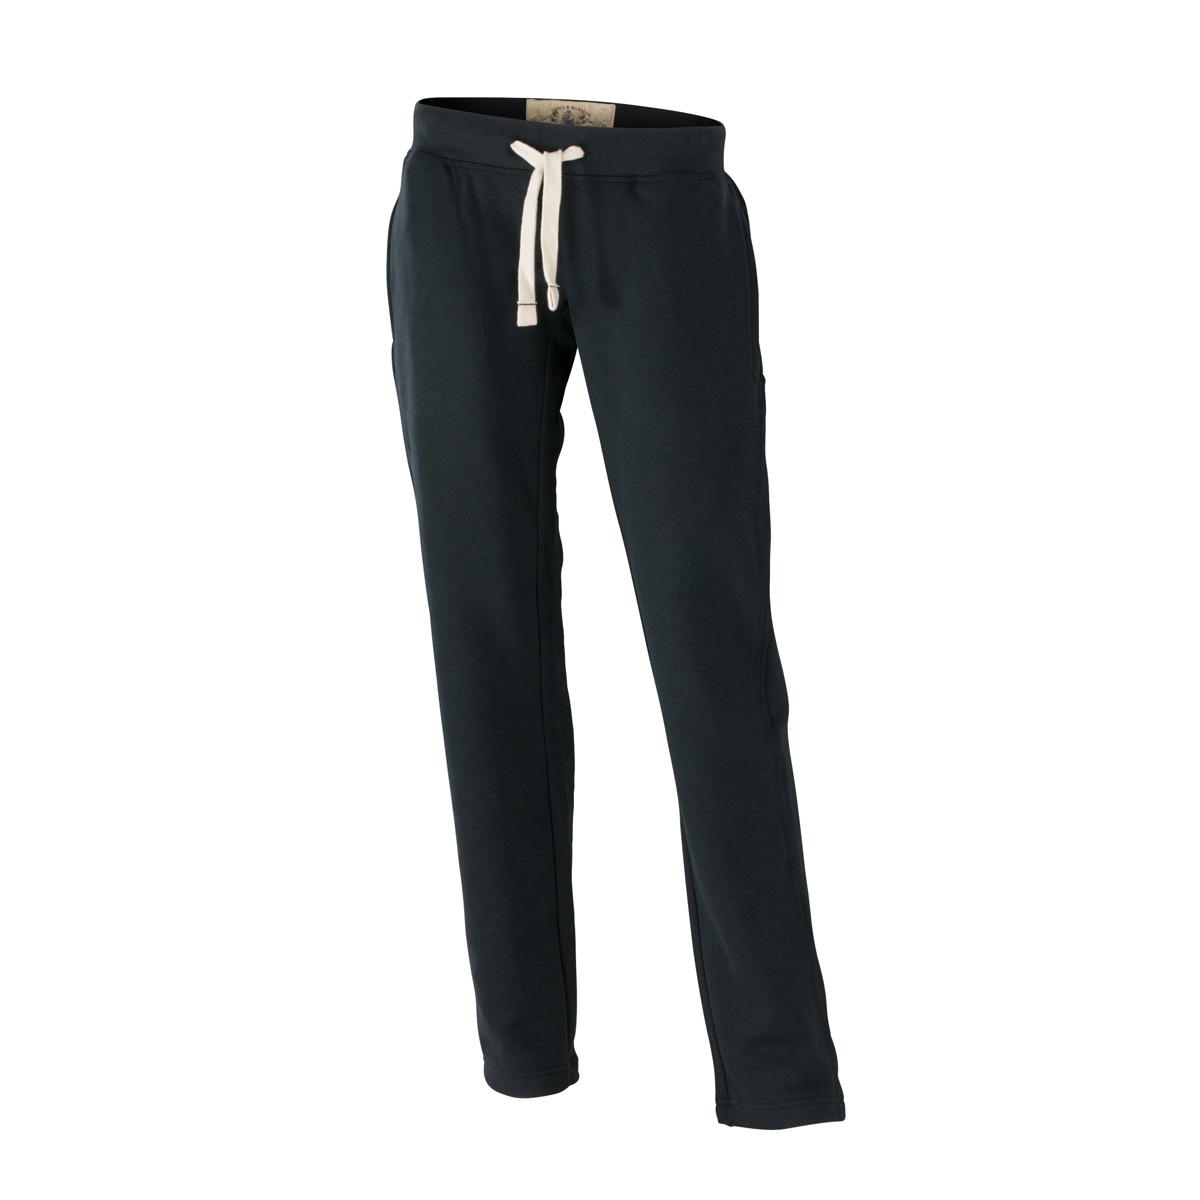 bd0ee74dad0 James et Nicholson Pantalon jogging - femme - JN944 - noir - molletonné  vintage coupe droite